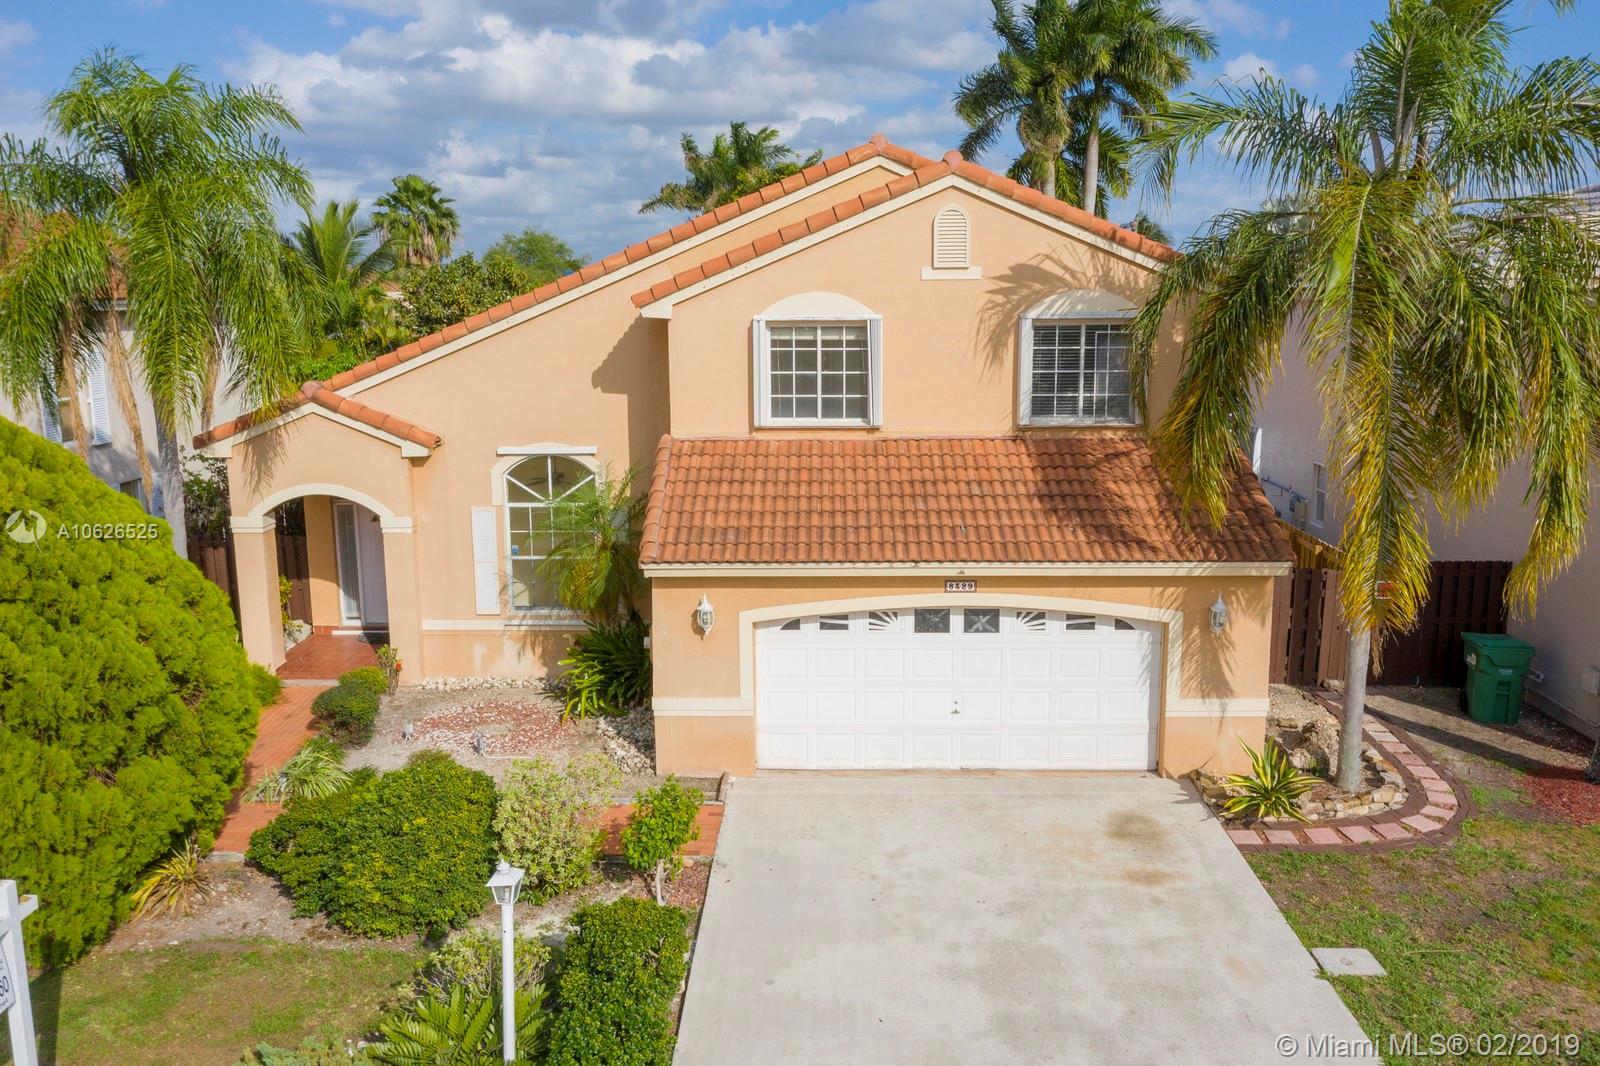 8329 Sw 160th Ave Miami, FL 33193